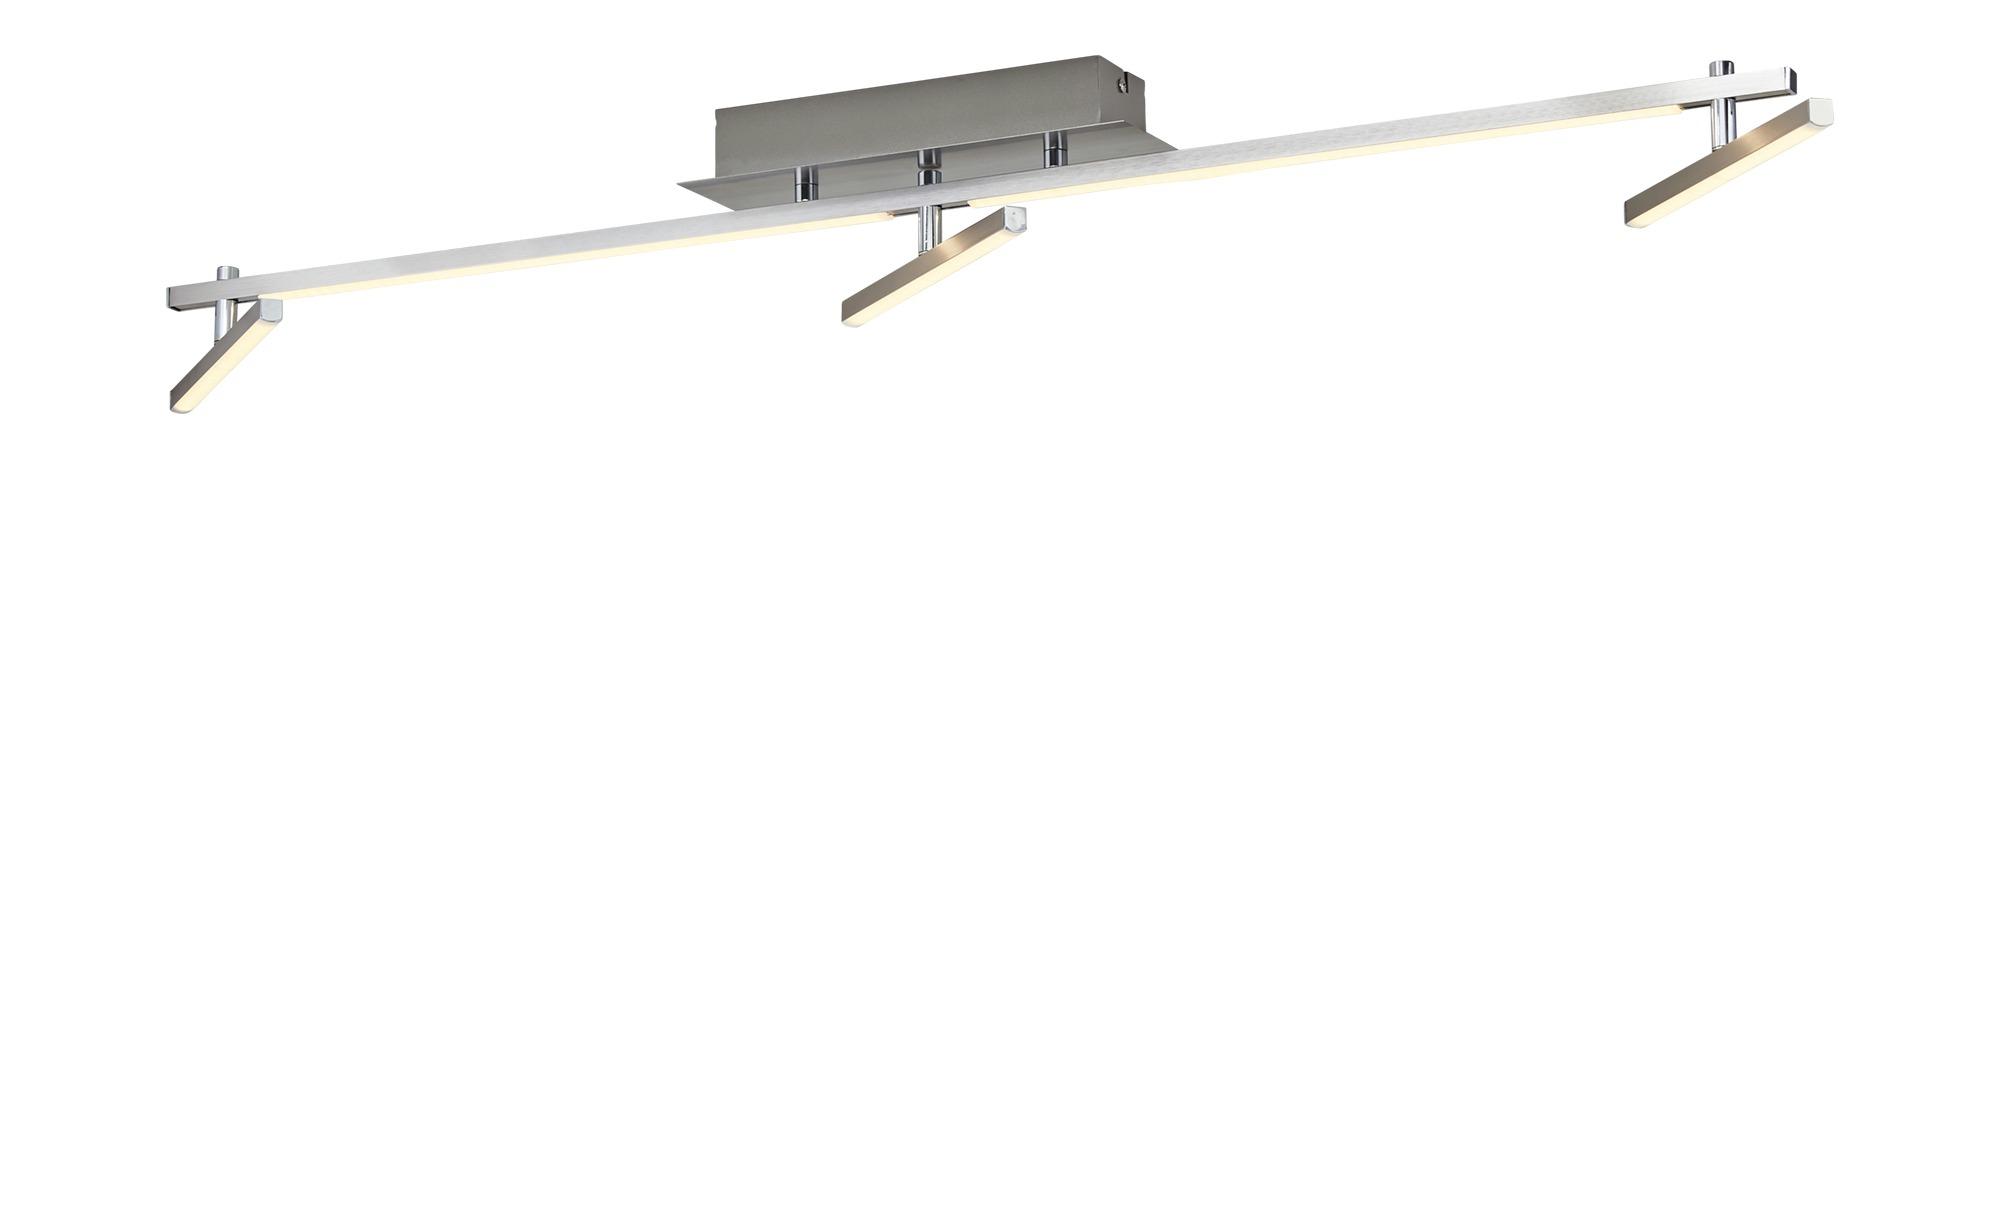 KHG LED-Deckenleuchte, 3+2 flammig nickel matt ¦ silber ¦ Maße (cm): B: 8 H: 10 Lampen & Leuchten > Innenleuchten > Deckenleuchten - Höffner